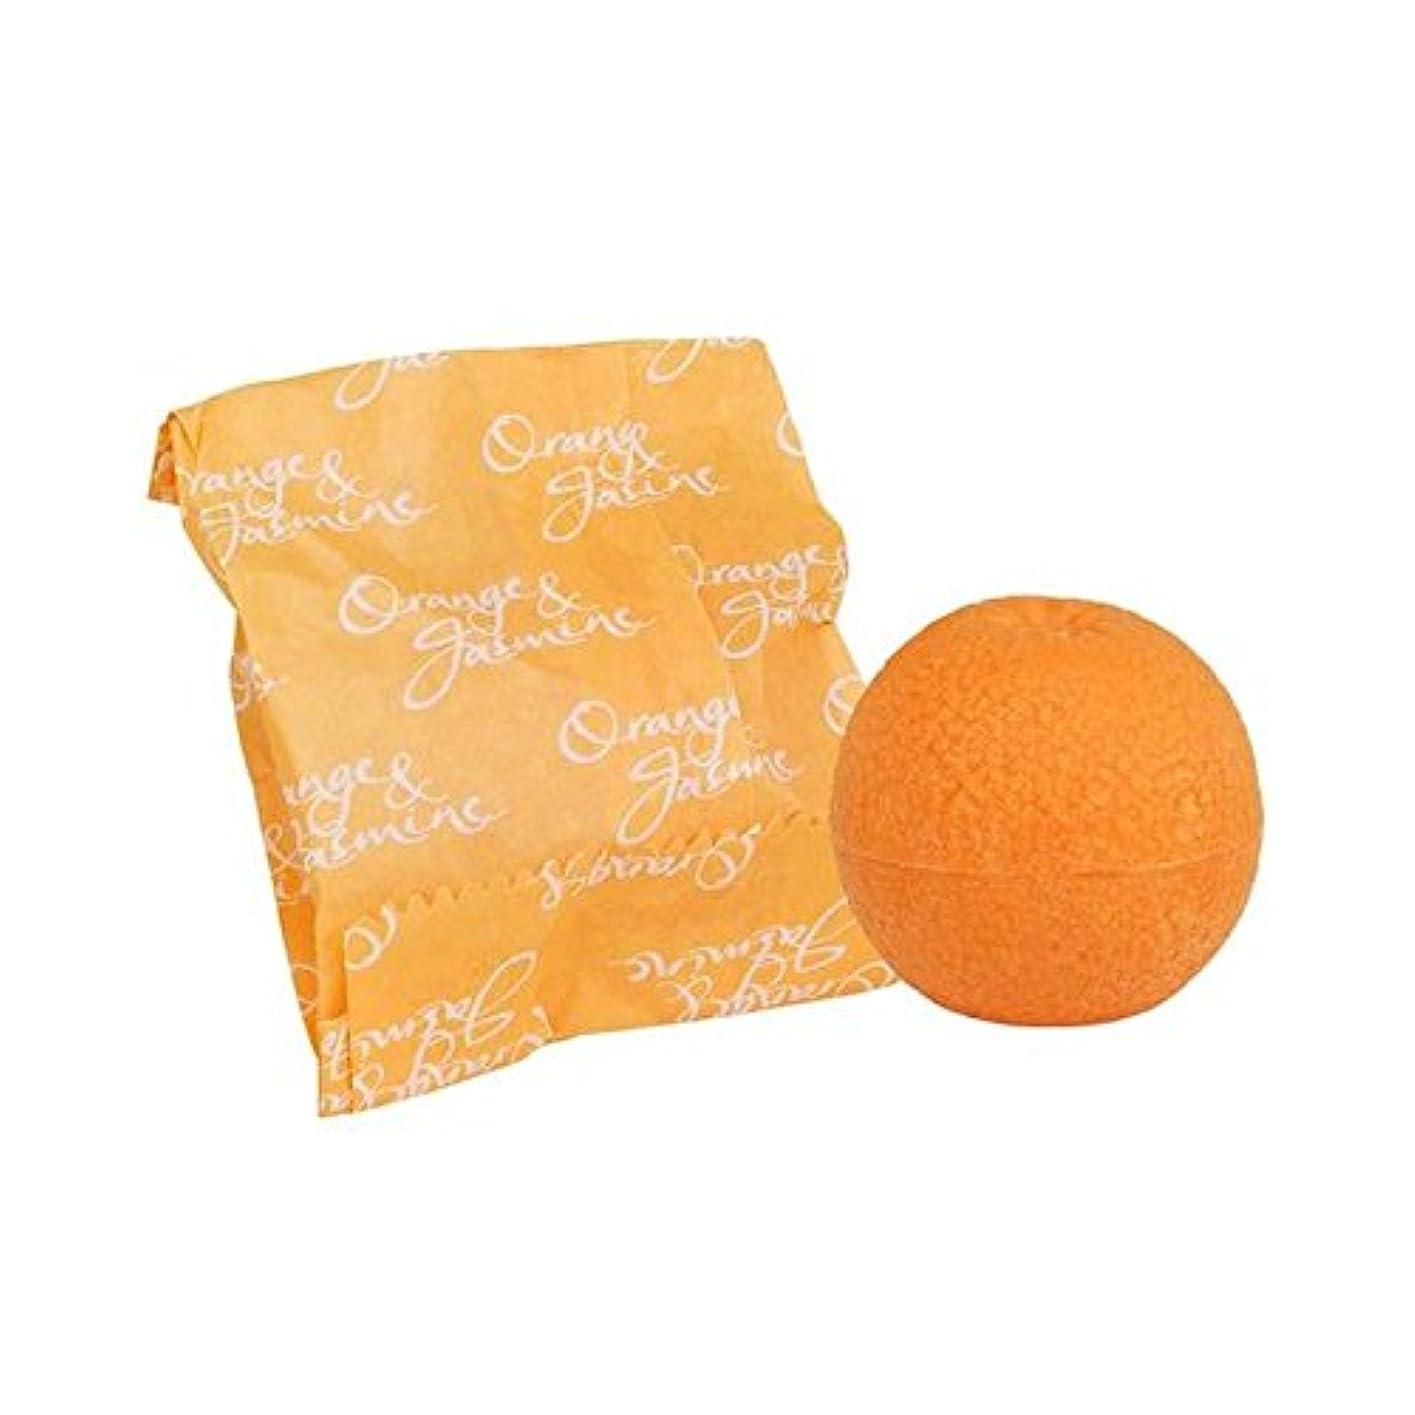 境界提供するエレメンタルオレンジ&ジャスミン石鹸100グラム x4 - Bronnley Orange & Jasmine Soap 100g (Pack of 4) [並行輸入品]